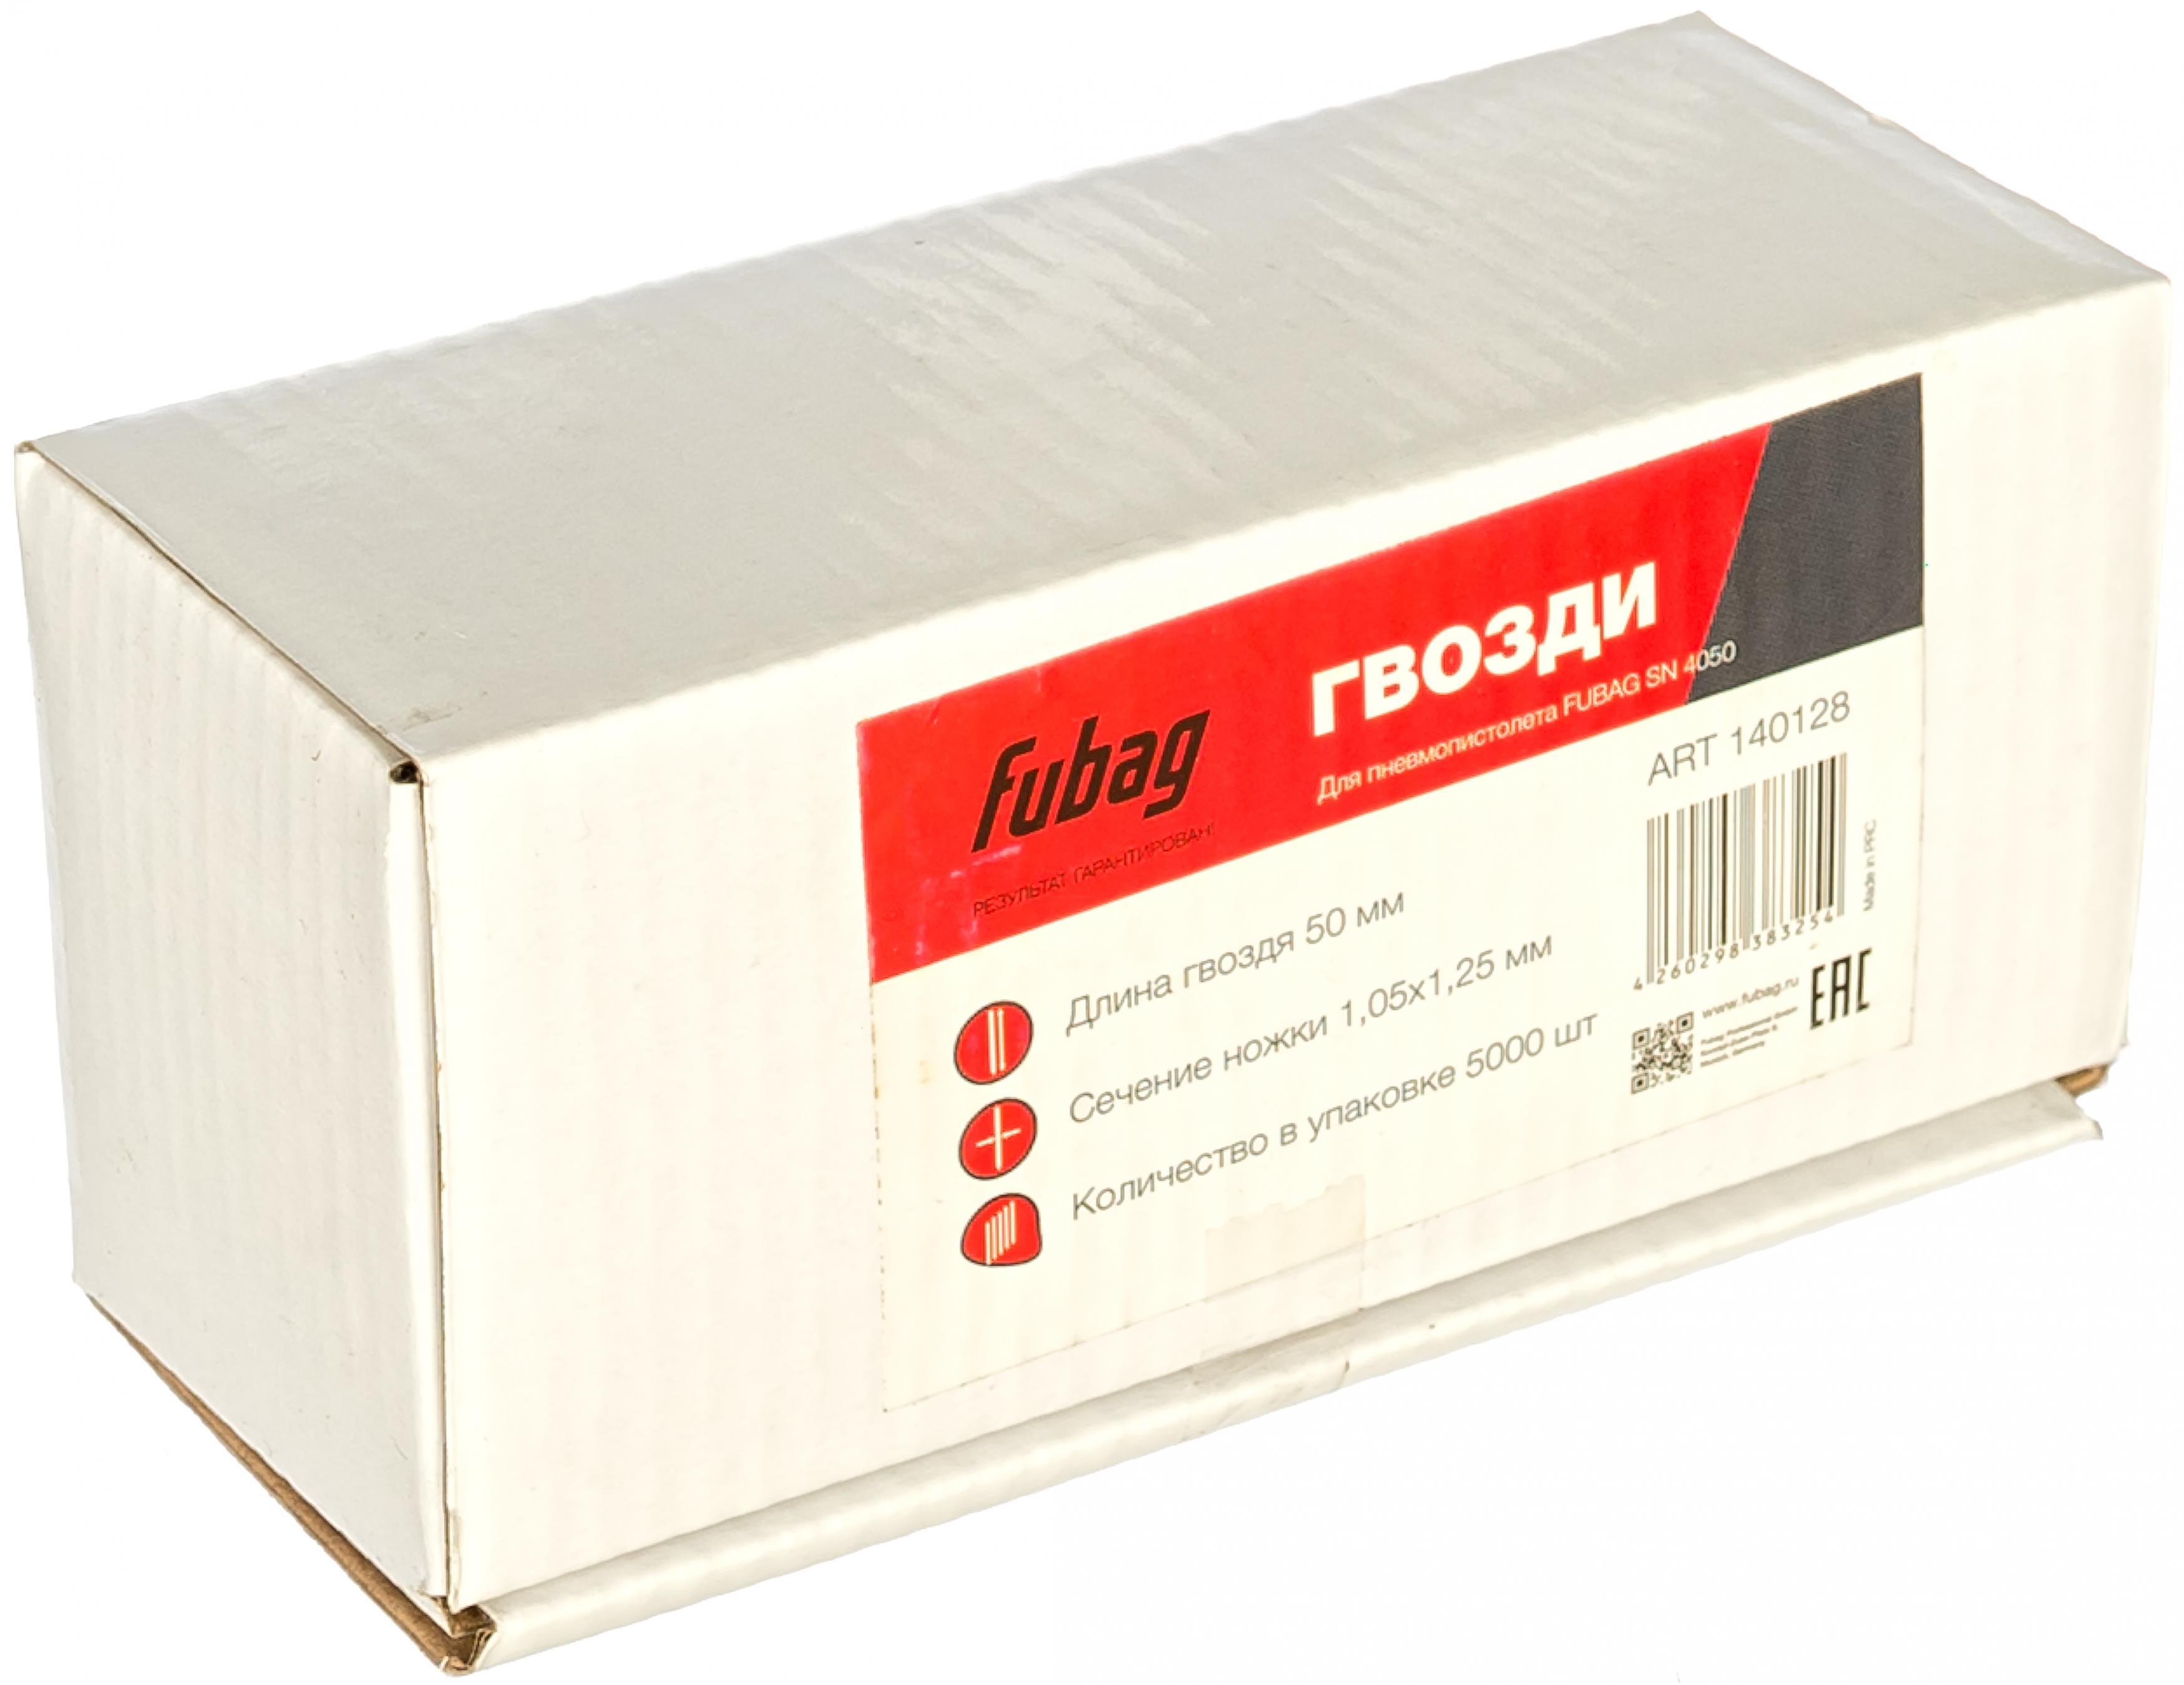 Гвозди для степлера Fubag для sn4050 140128 цена